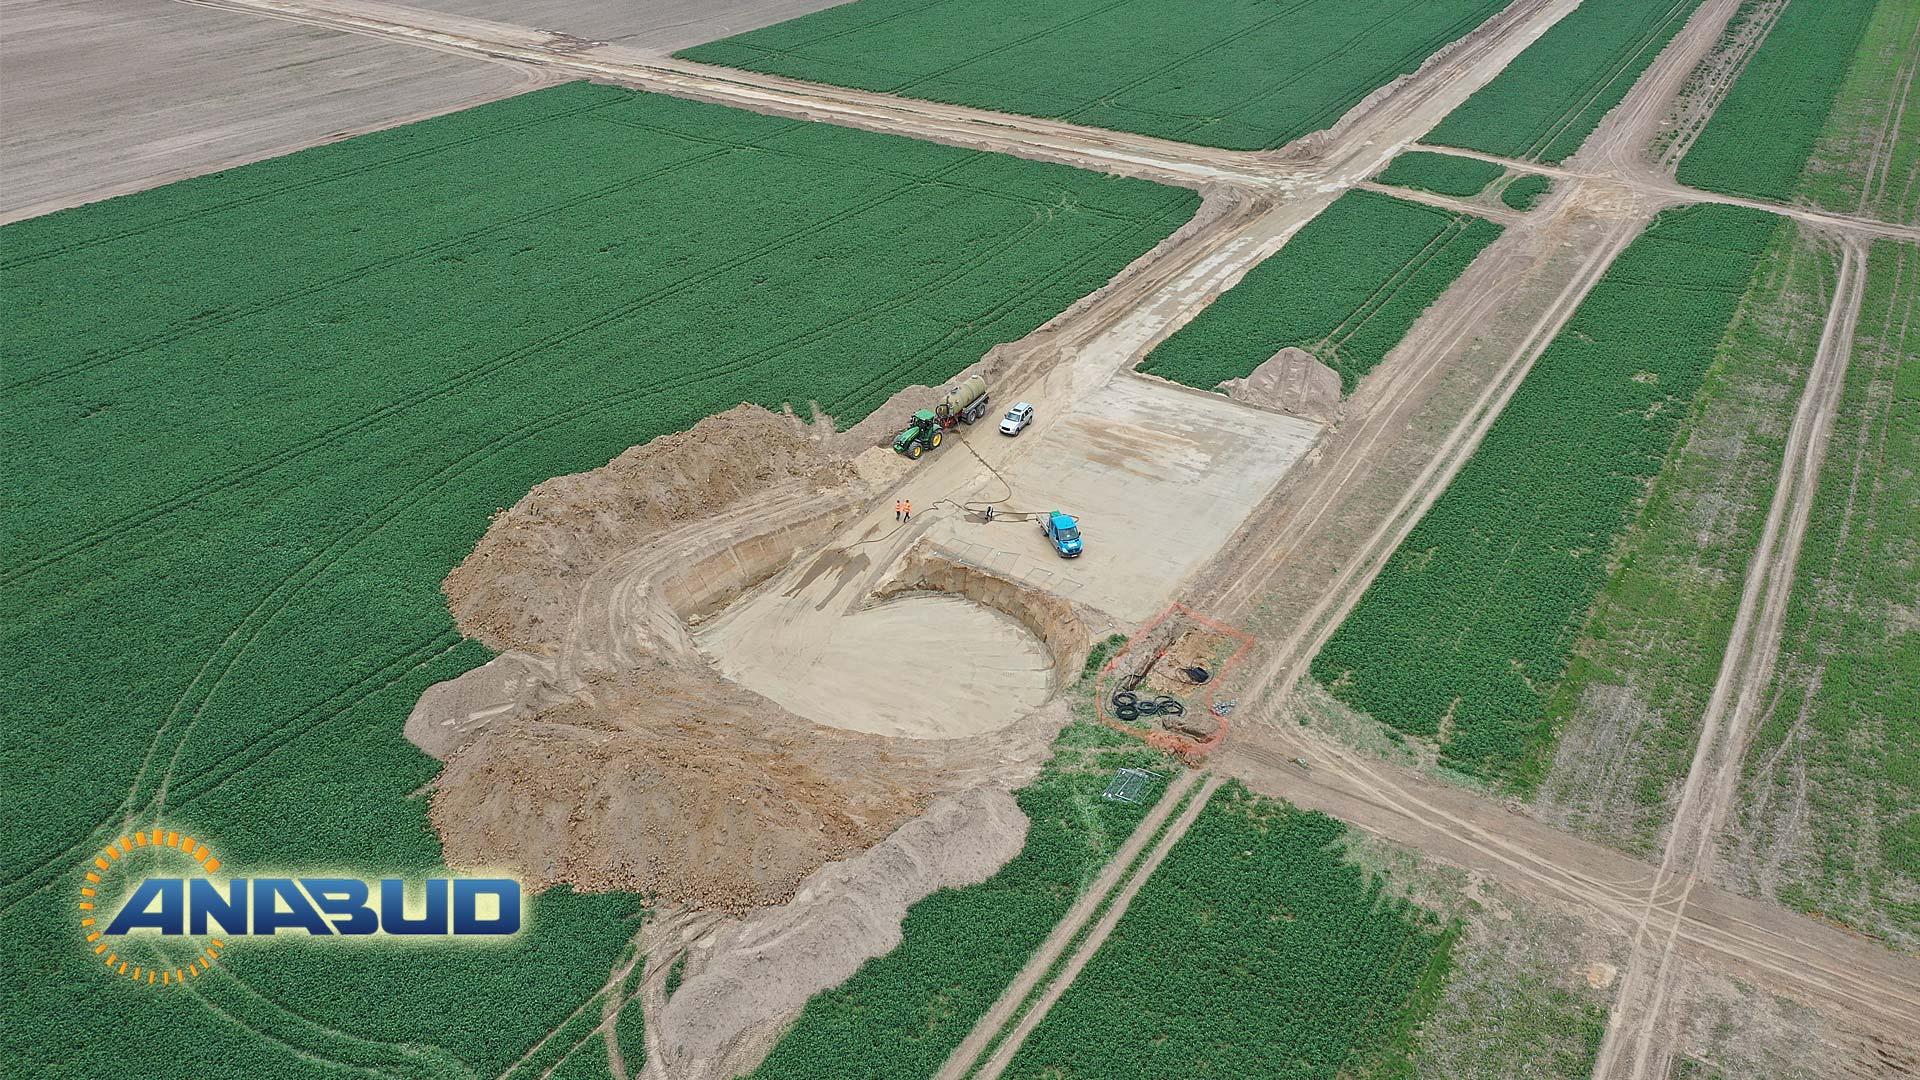 Budowa Farm Wiatrowych Wiatrakow Generalny Wykonawca drog